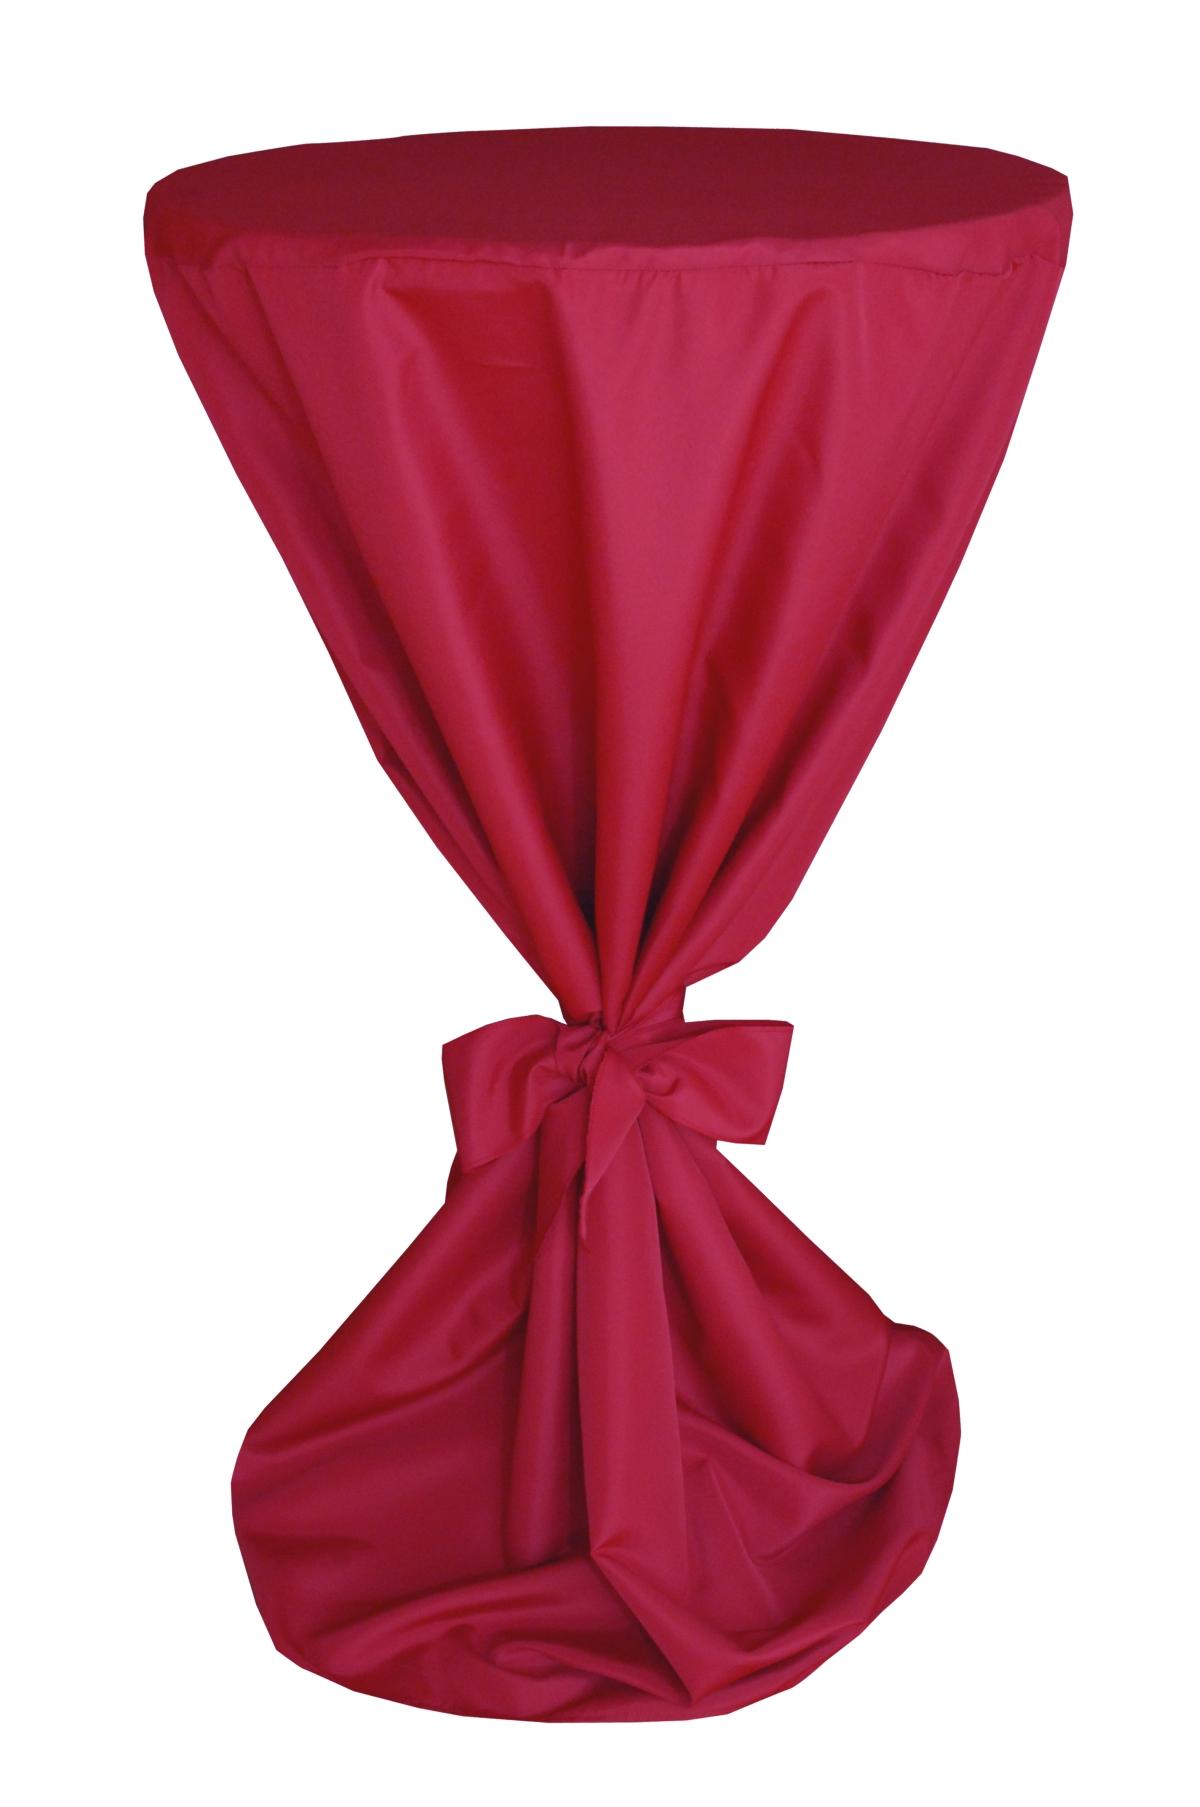 stehtisch husse hussen stehtische bistrotische in rot. Black Bedroom Furniture Sets. Home Design Ideas